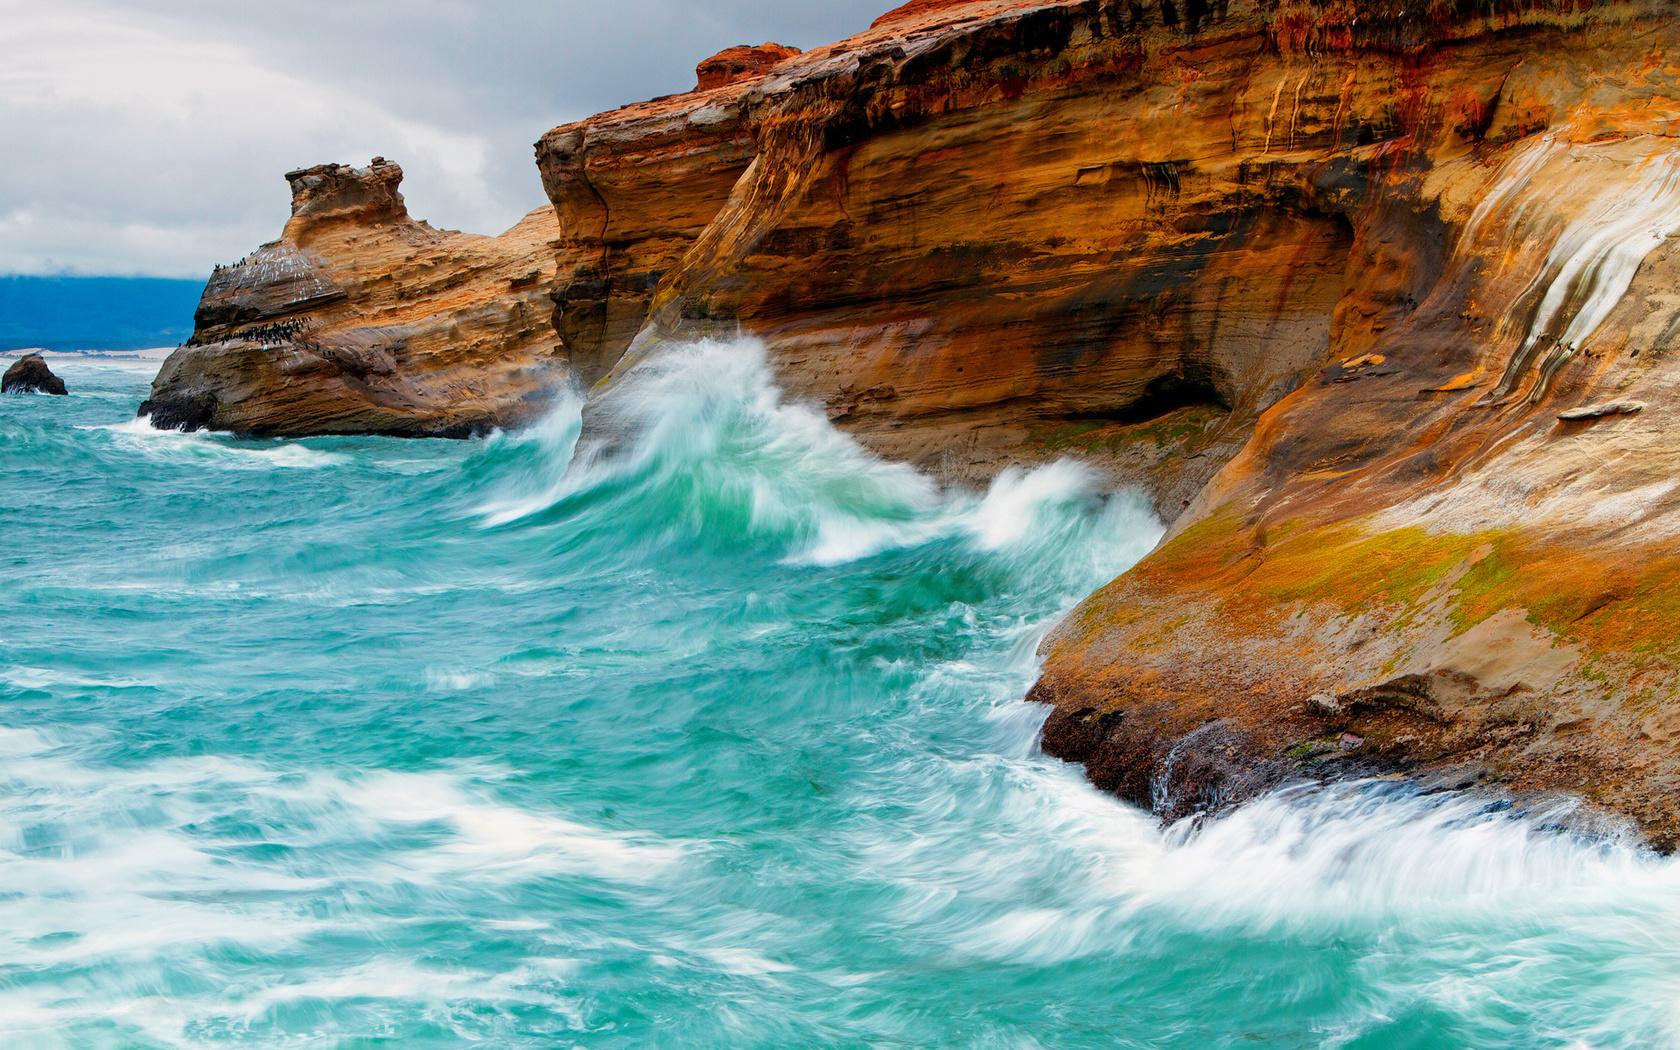 Картинки море волны скалы